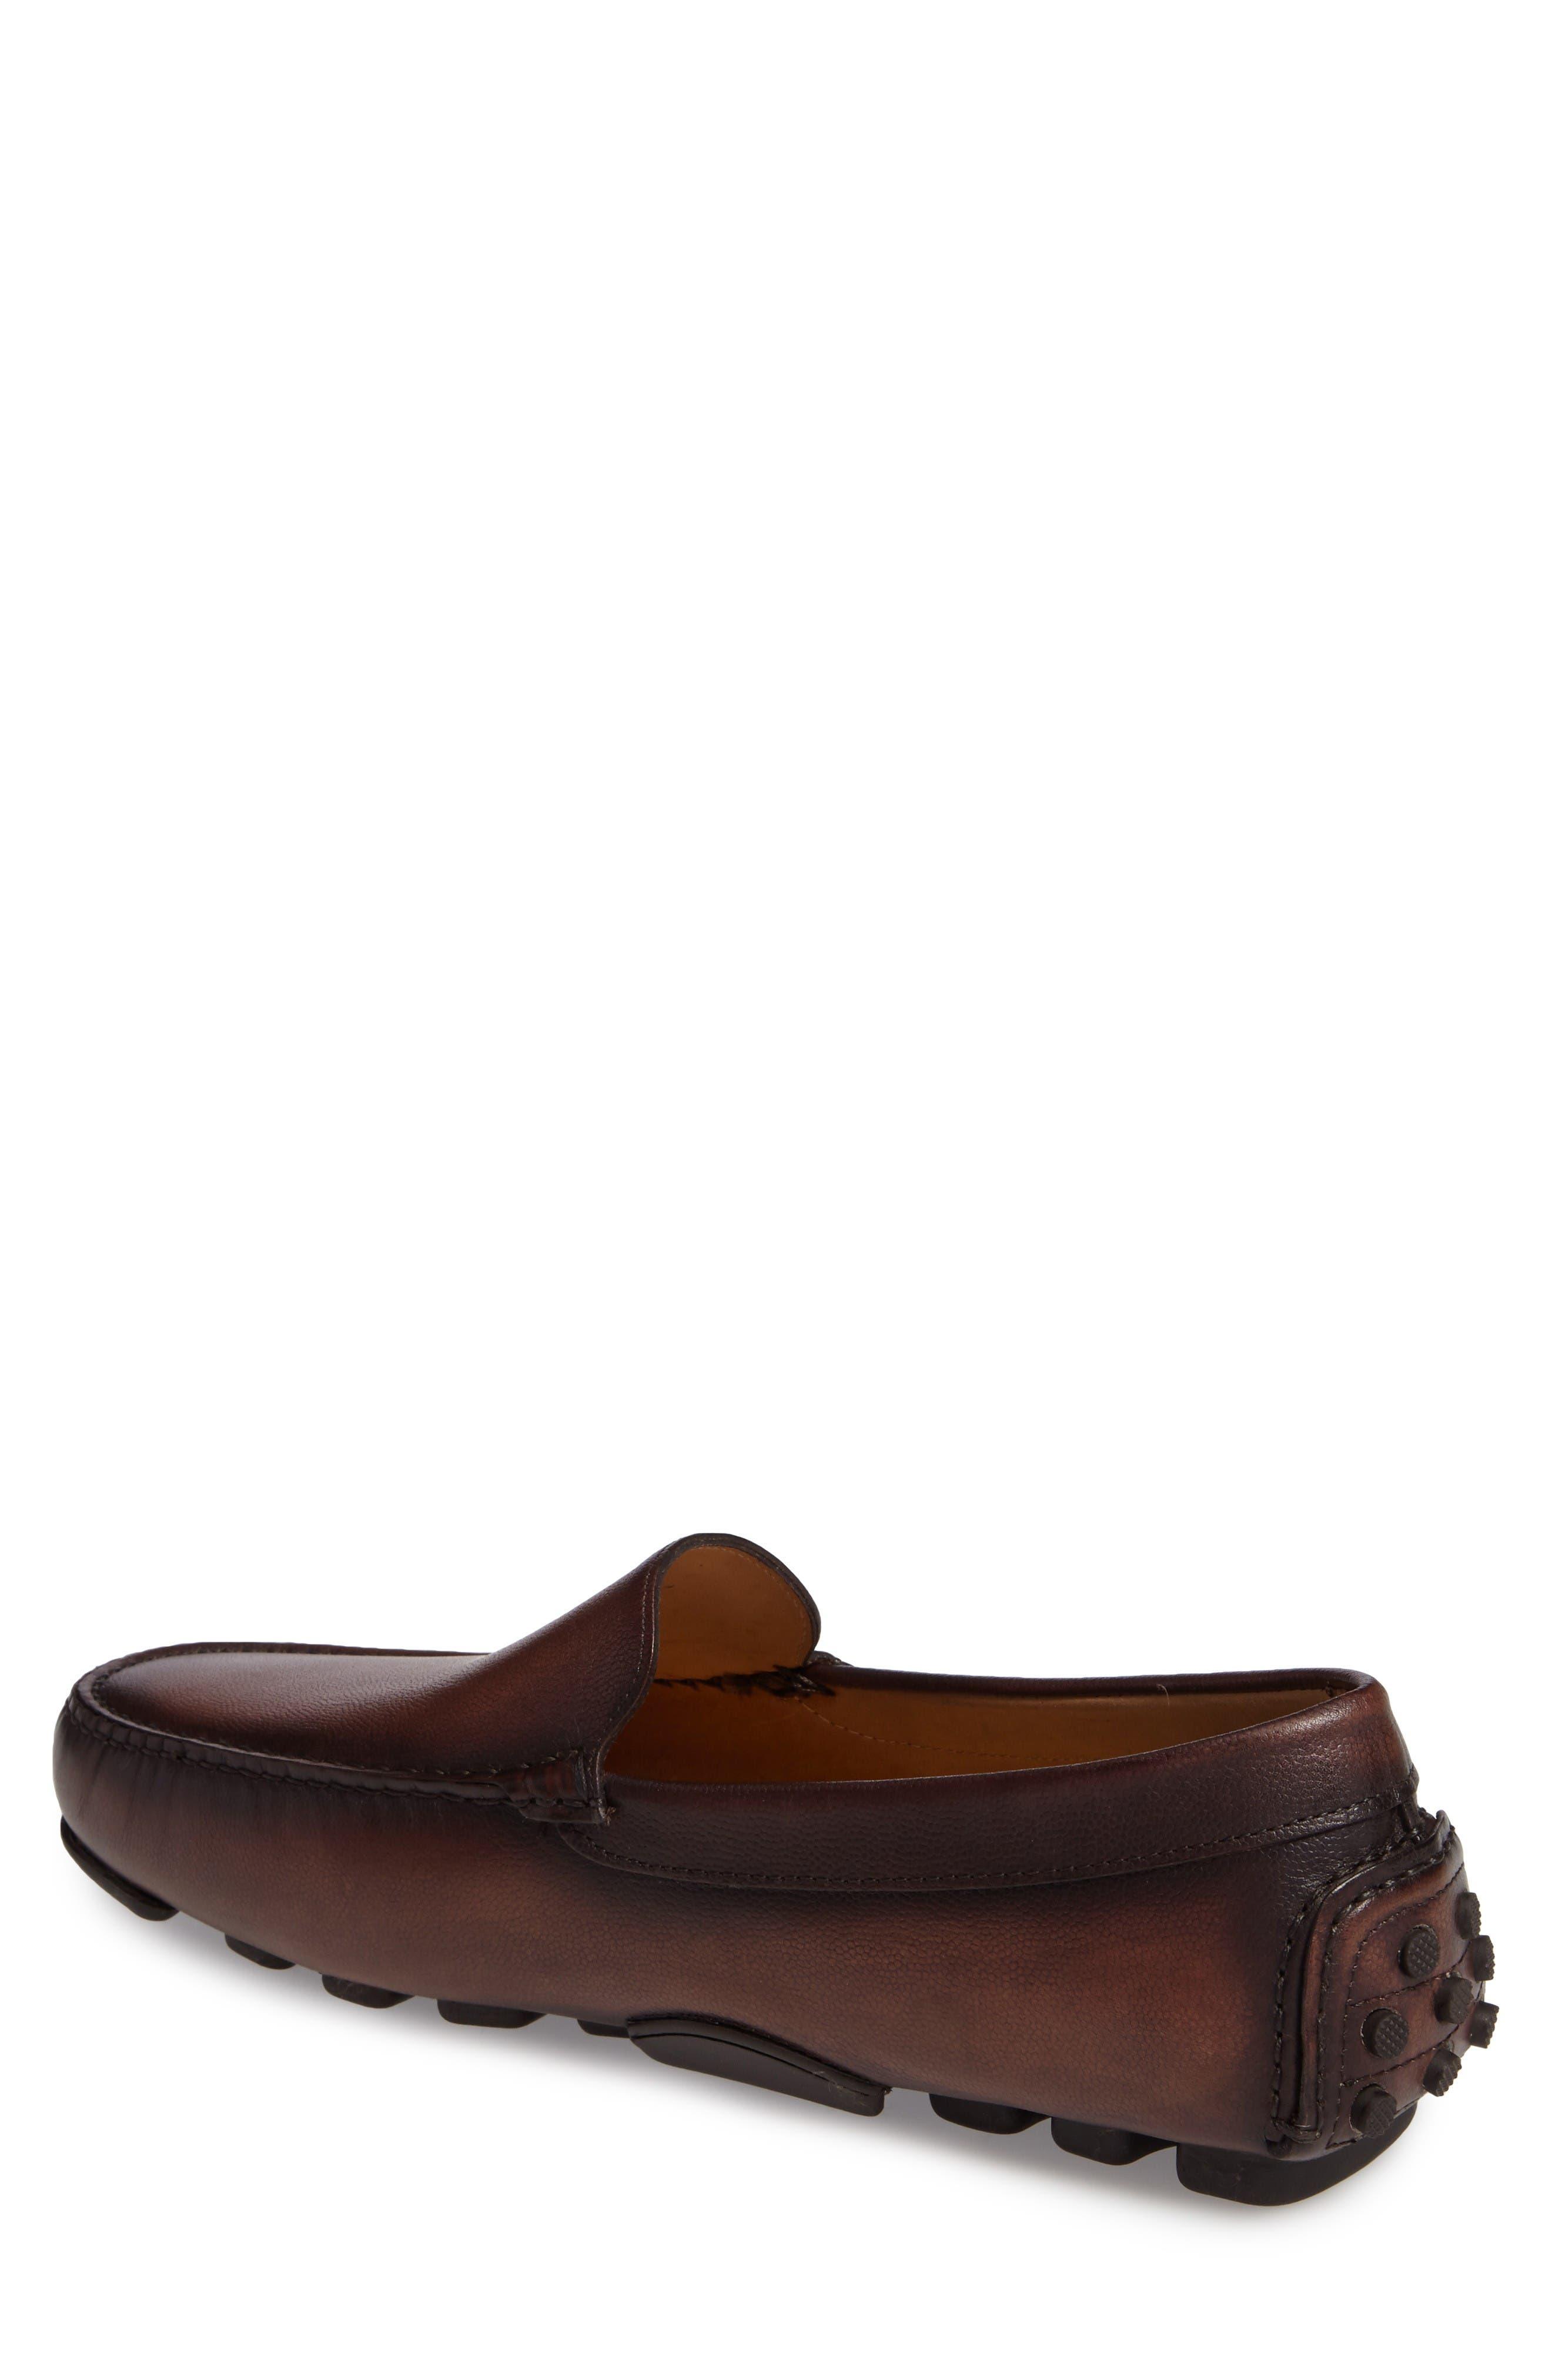 Alternate Image 2  - Di Gallo Bianco Driving Shoe (Men)